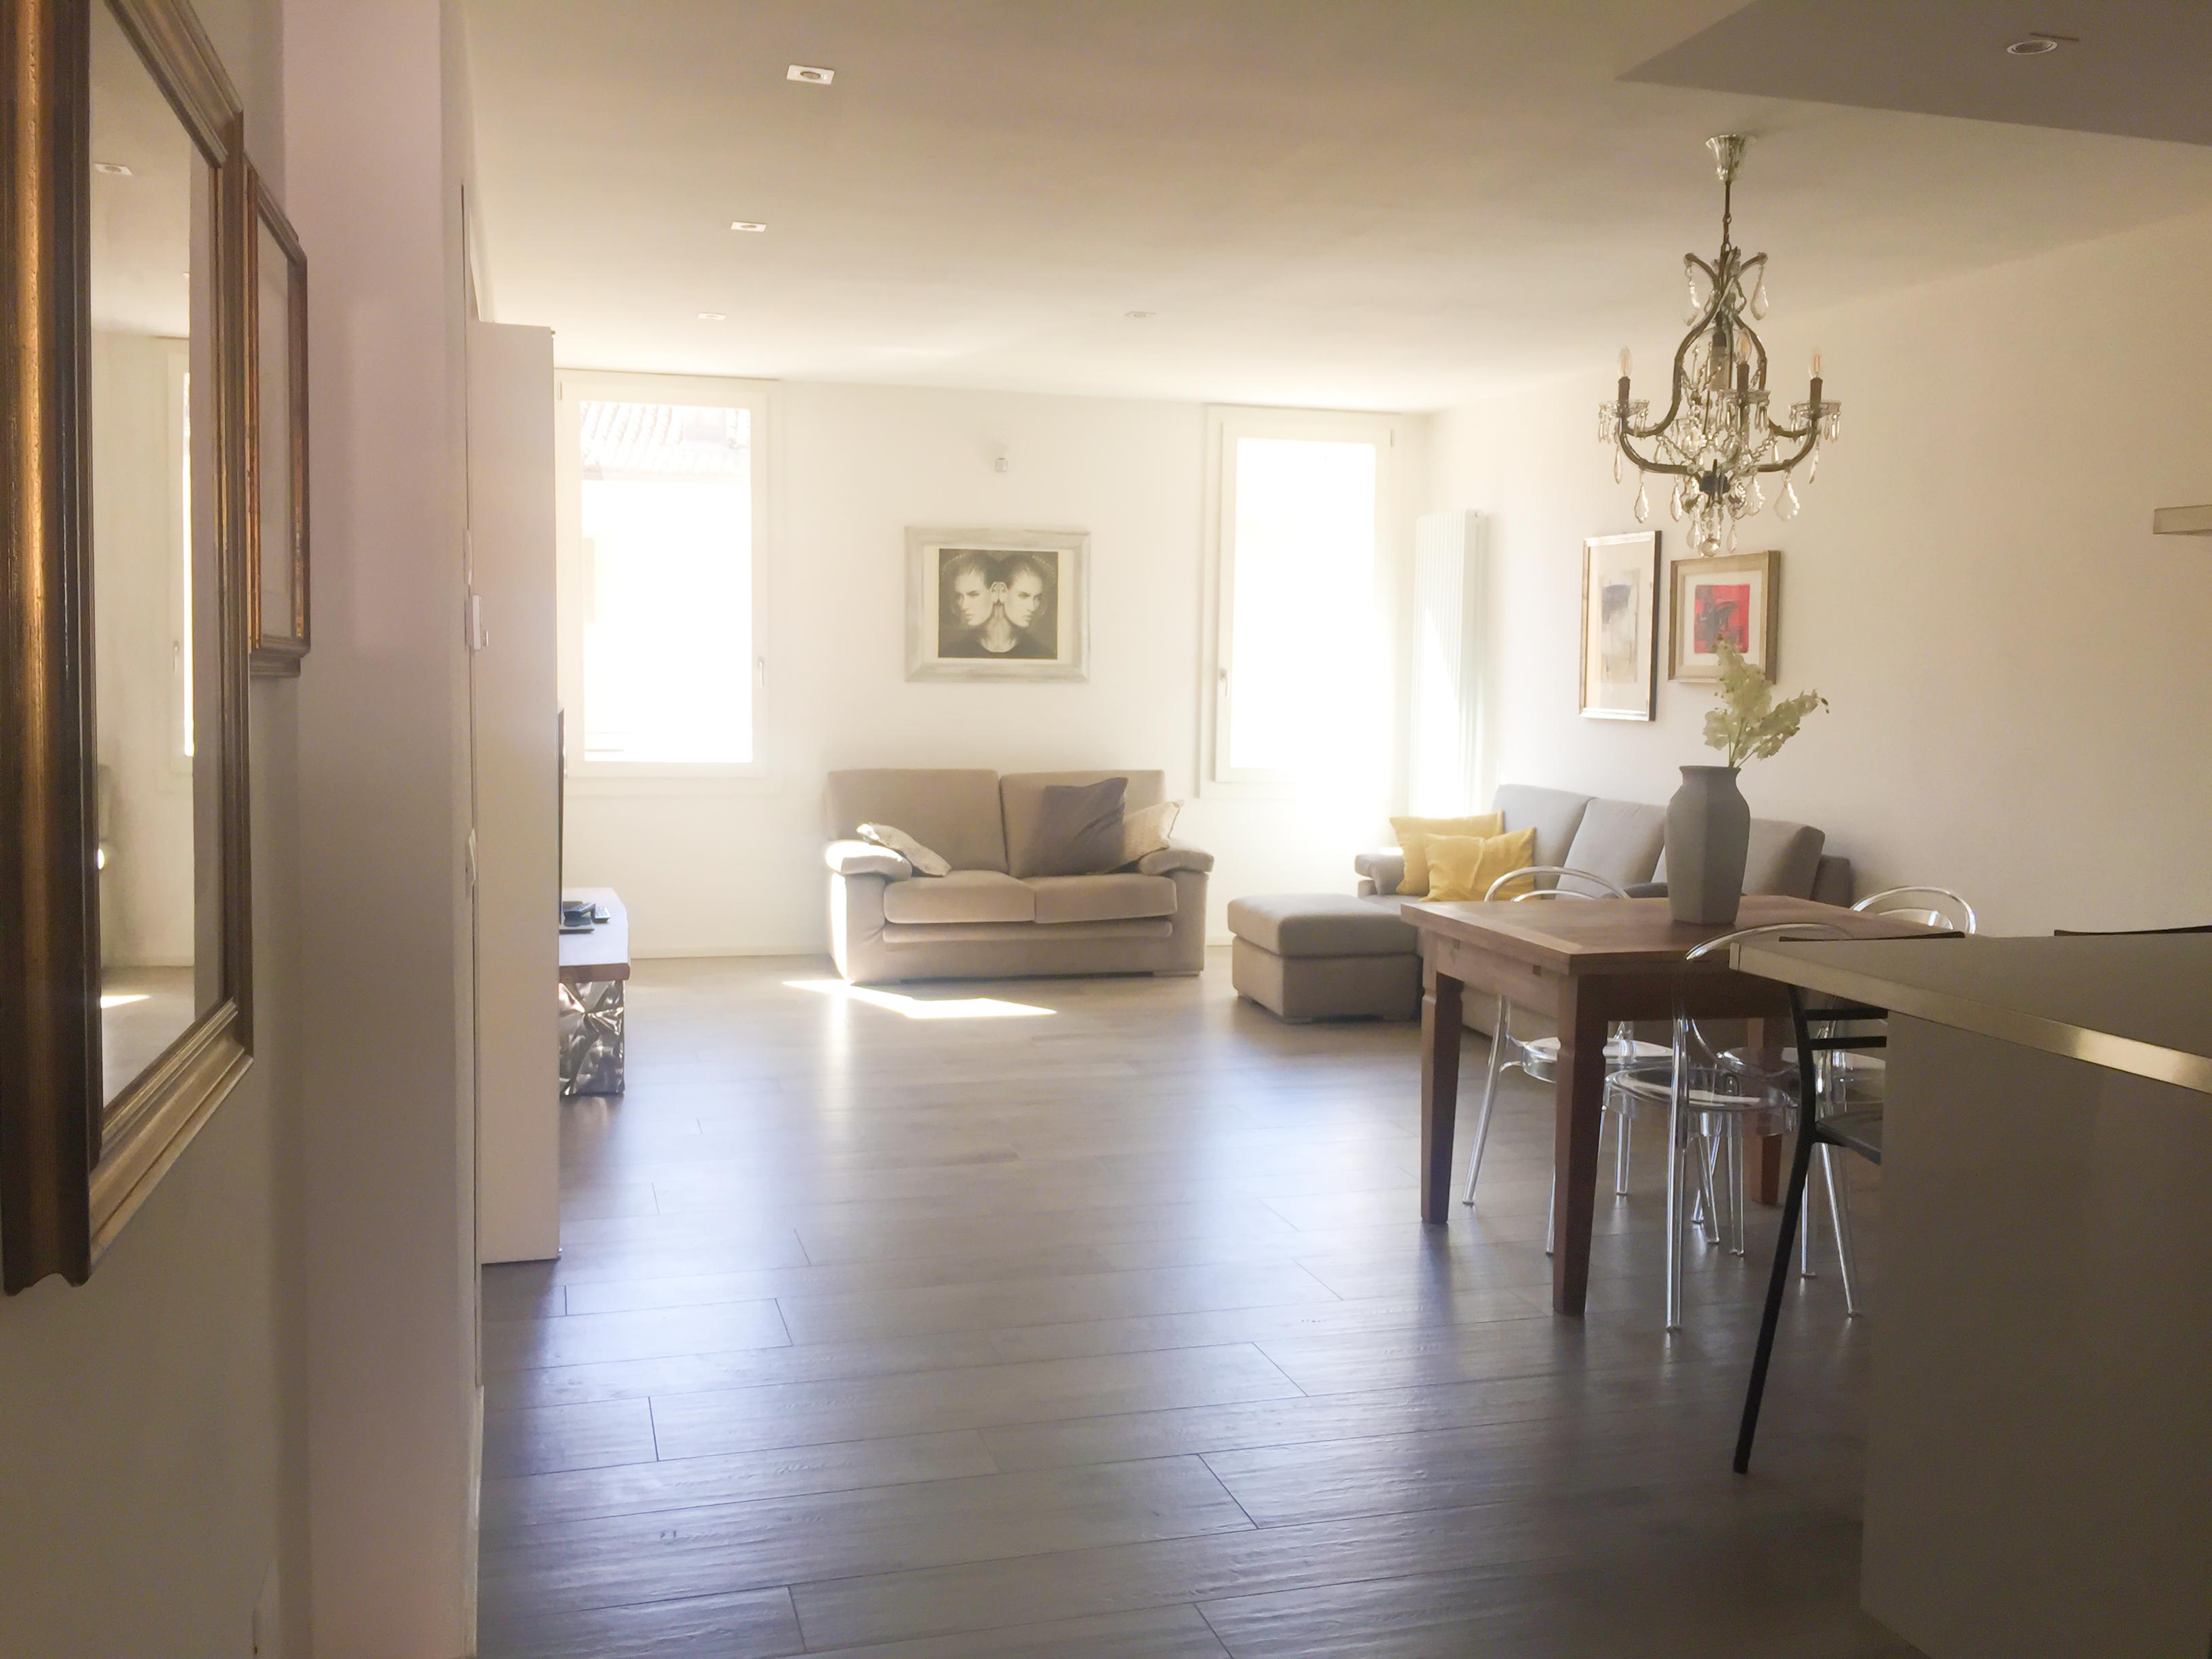 Arredamento Emilia Romagna appartamento in piazza a correggio - apartments for rent in